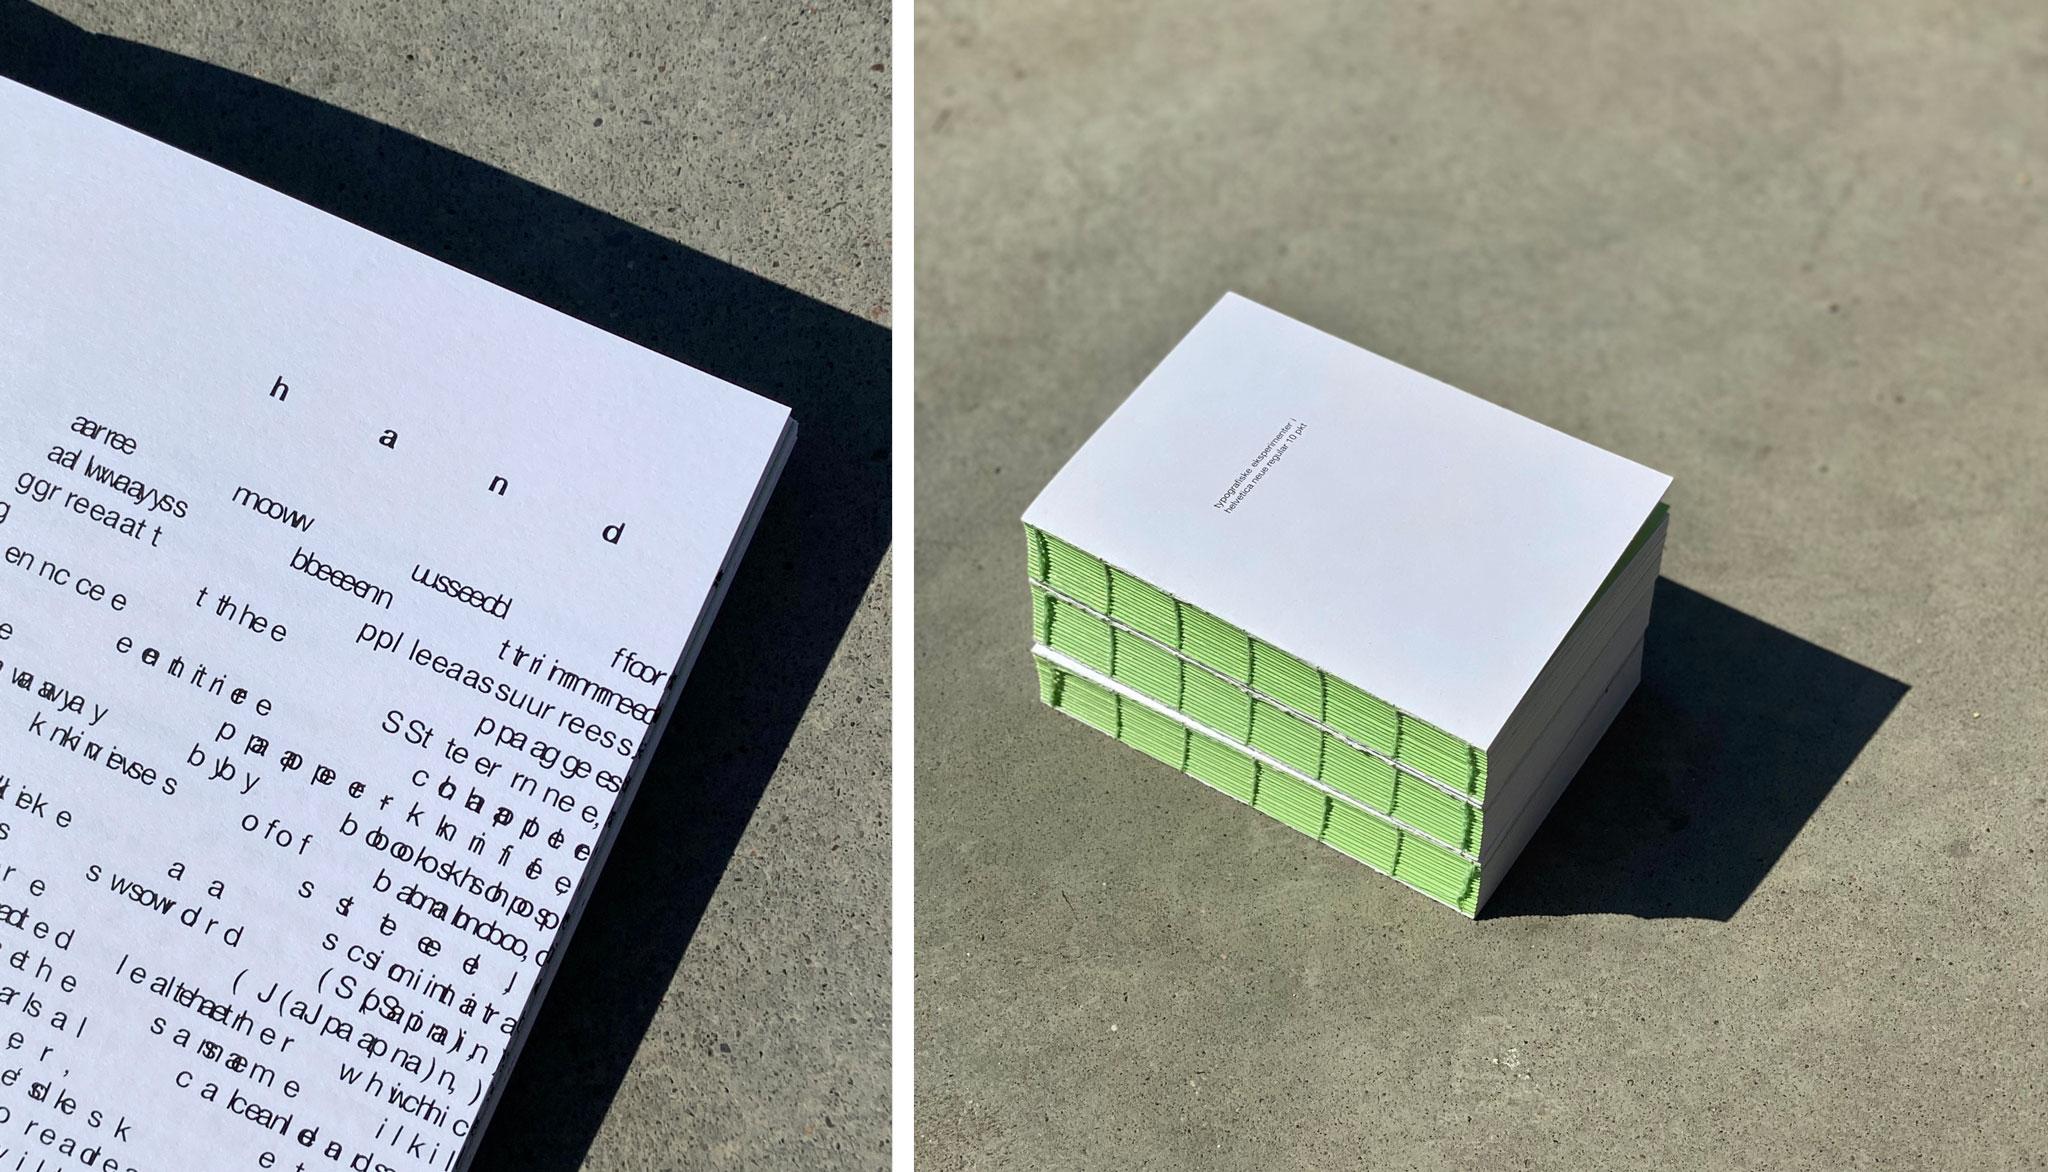 Westerdals institutt for kreativitet, fortelling og design - typografiske prosjekter i helvetica neue regular 10 pkt